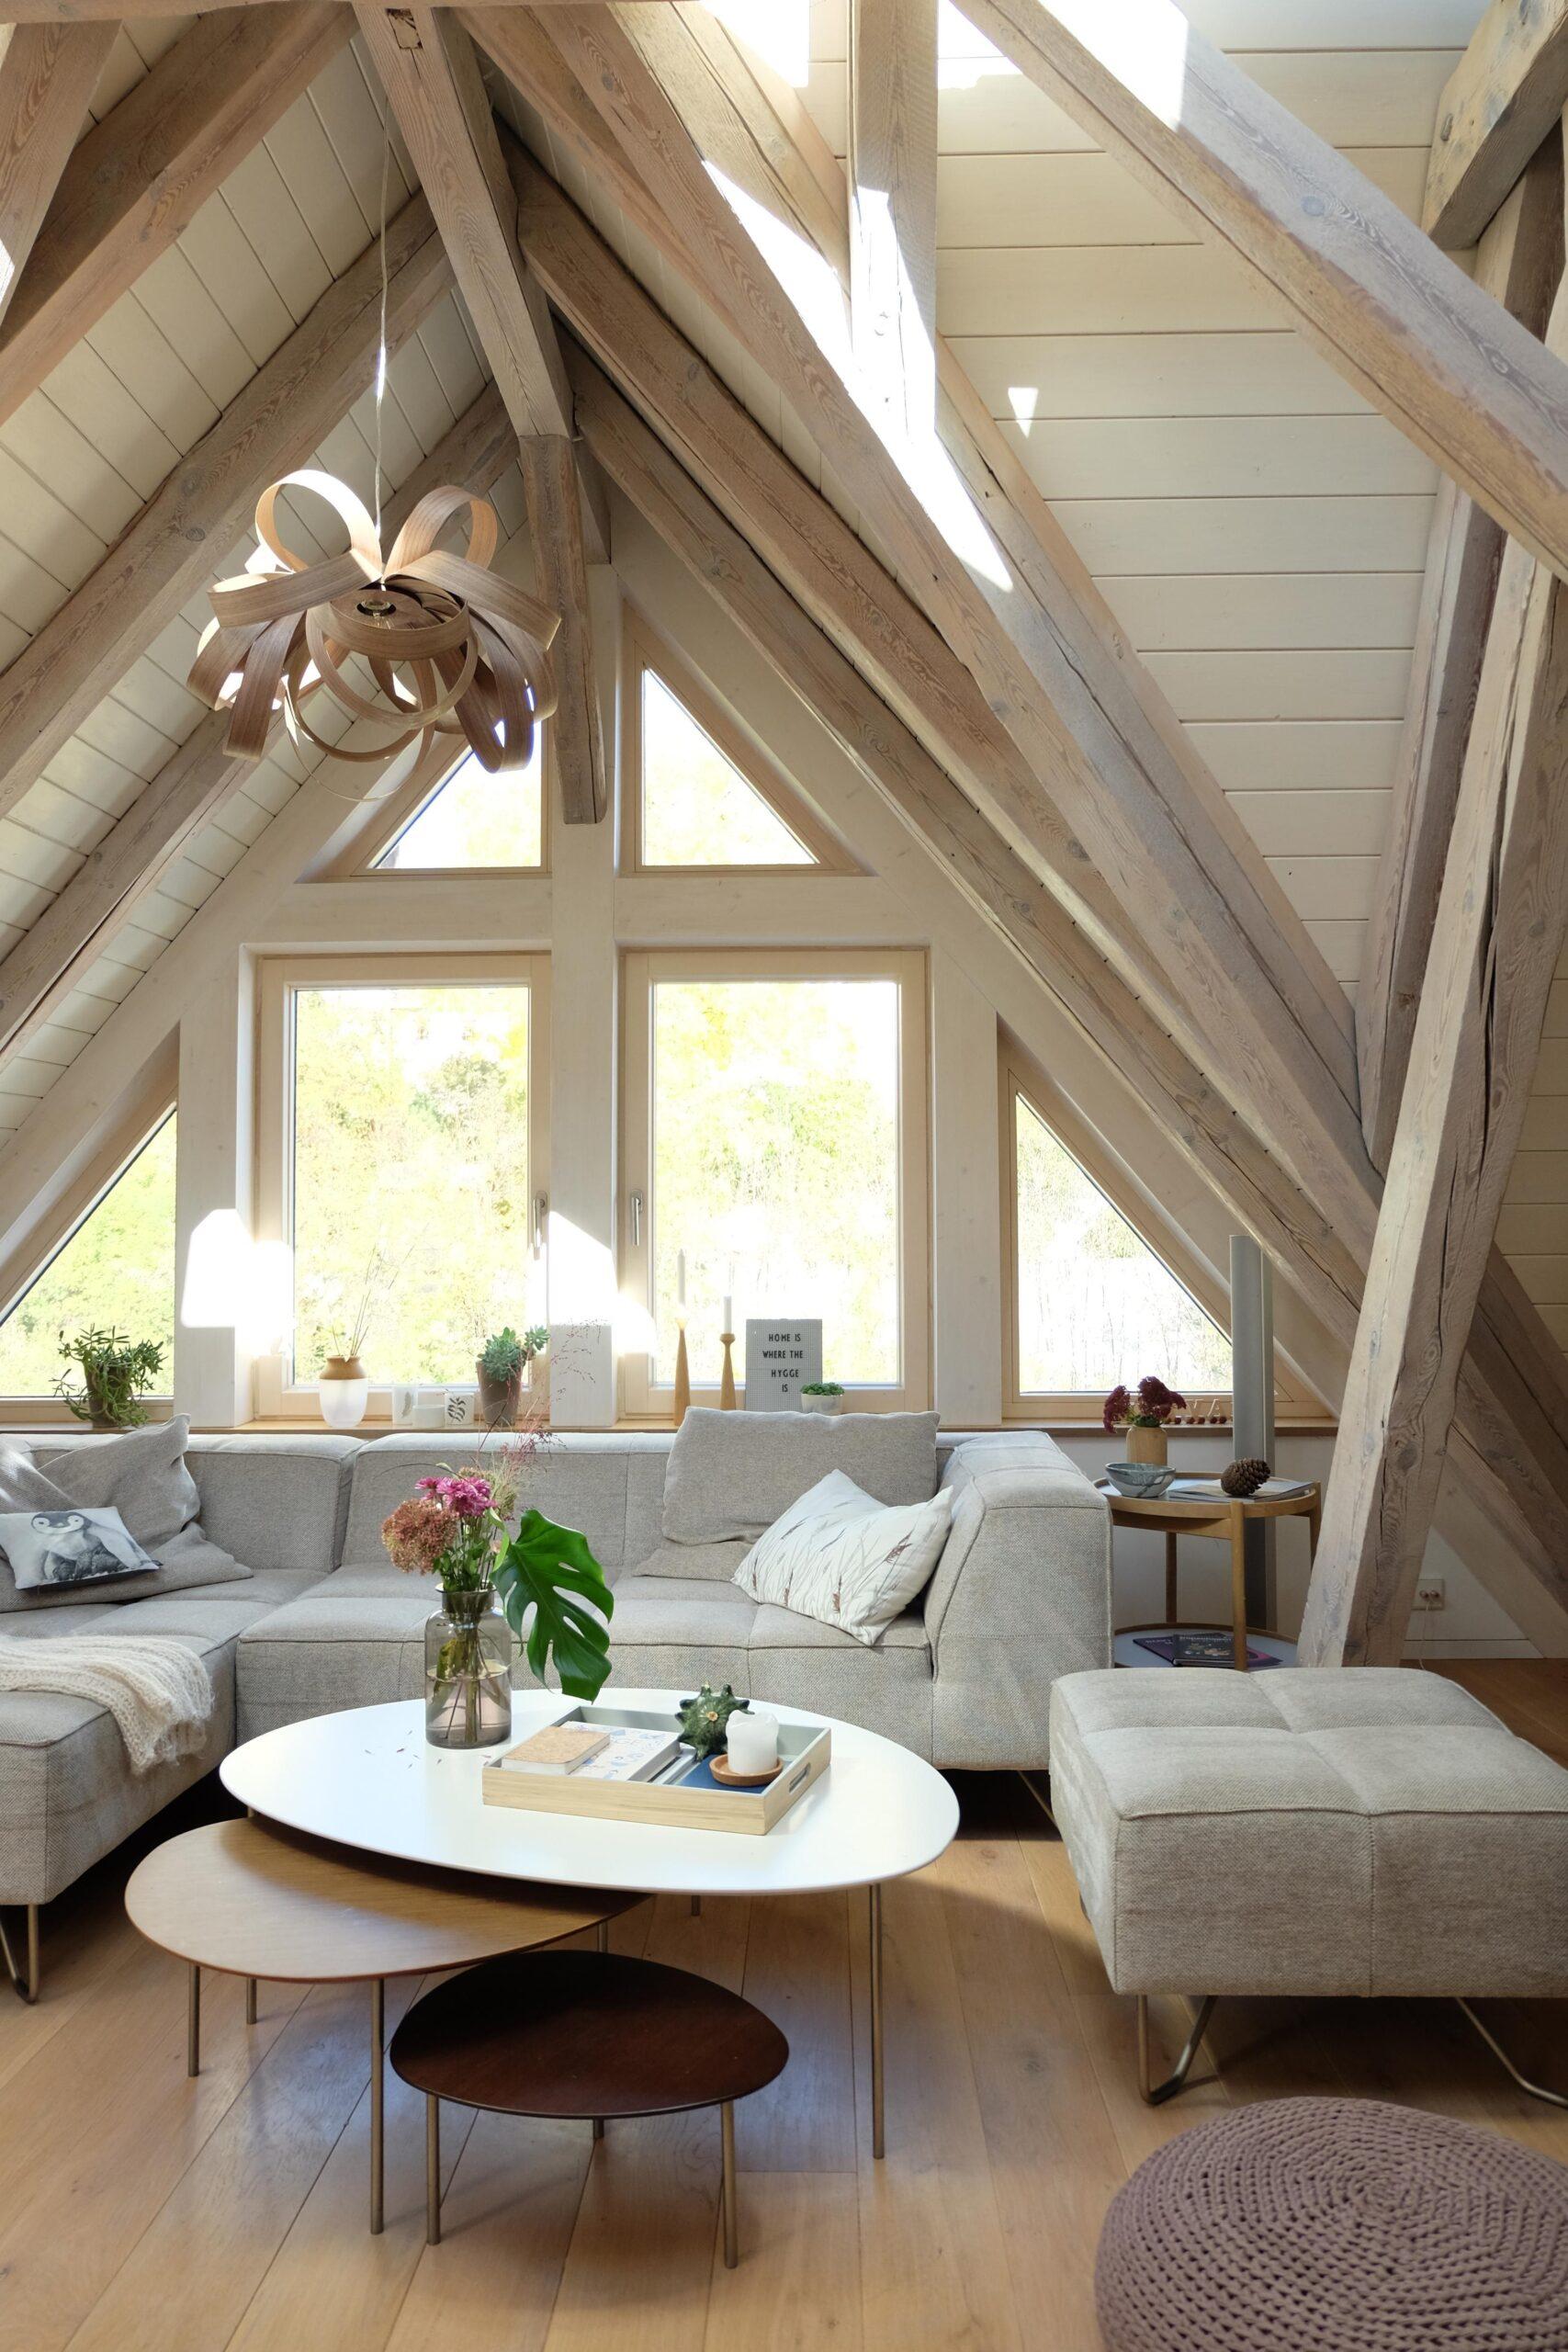 Full Size of Dachgeschosswohnung Einrichten Tipps Schlafzimmer Ikea Wohnzimmer Bilder Kleine Tolle Einrichtungsideen Fr Deine Badezimmer Küche Wohnzimmer Dachgeschosswohnung Einrichten